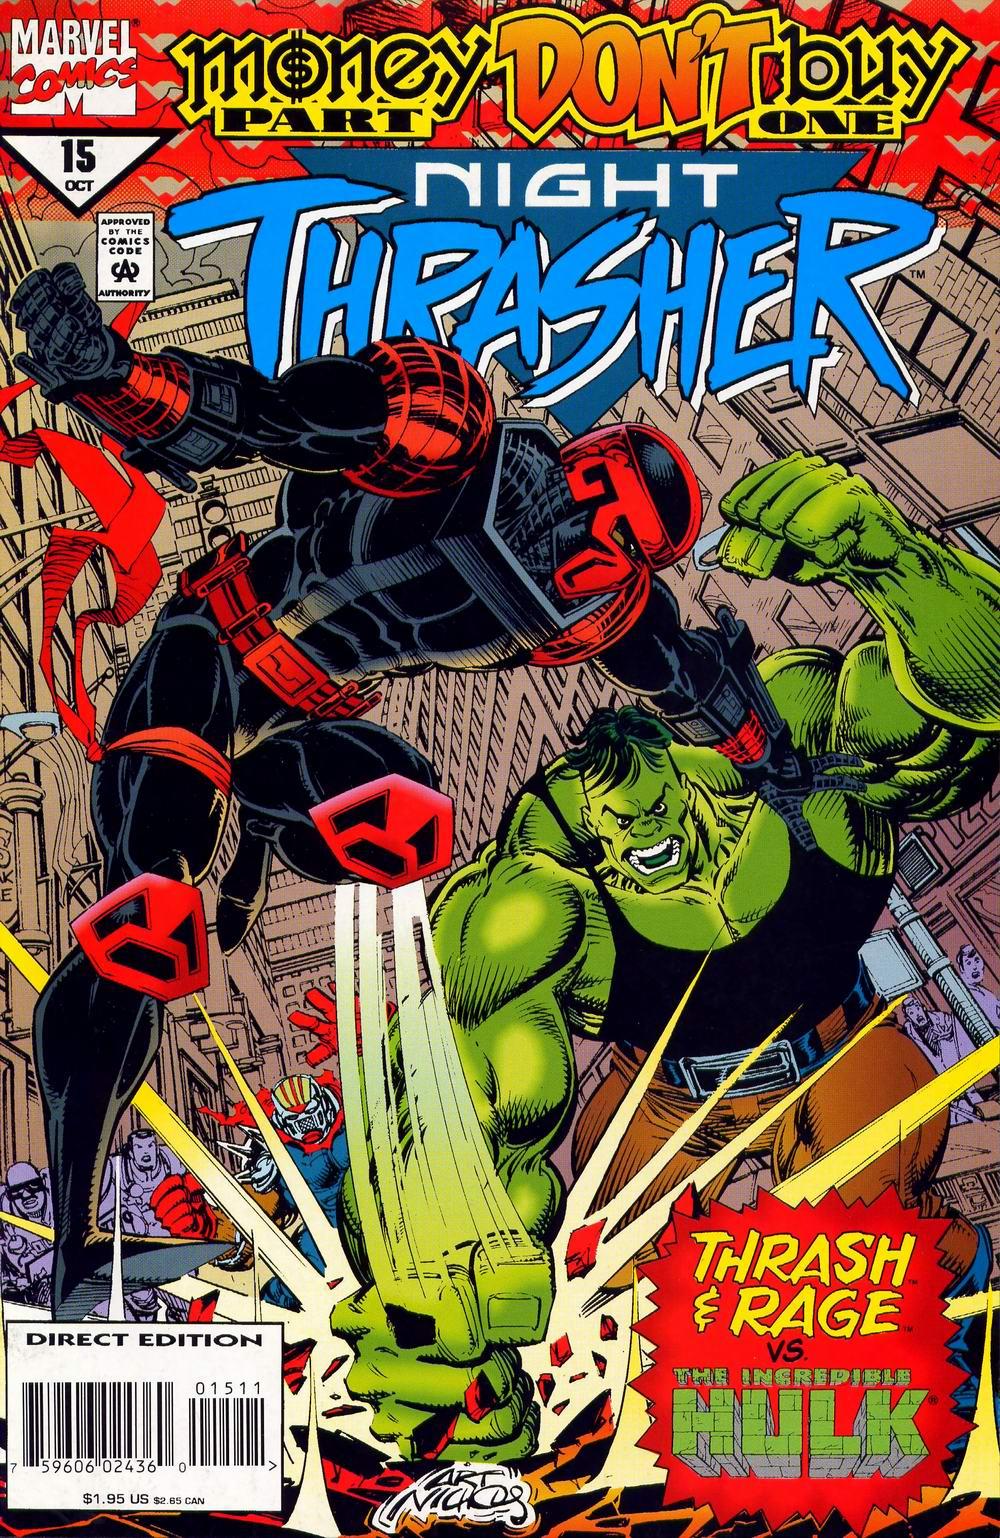 Couverture de Night Thrasher #15 avec Hulk